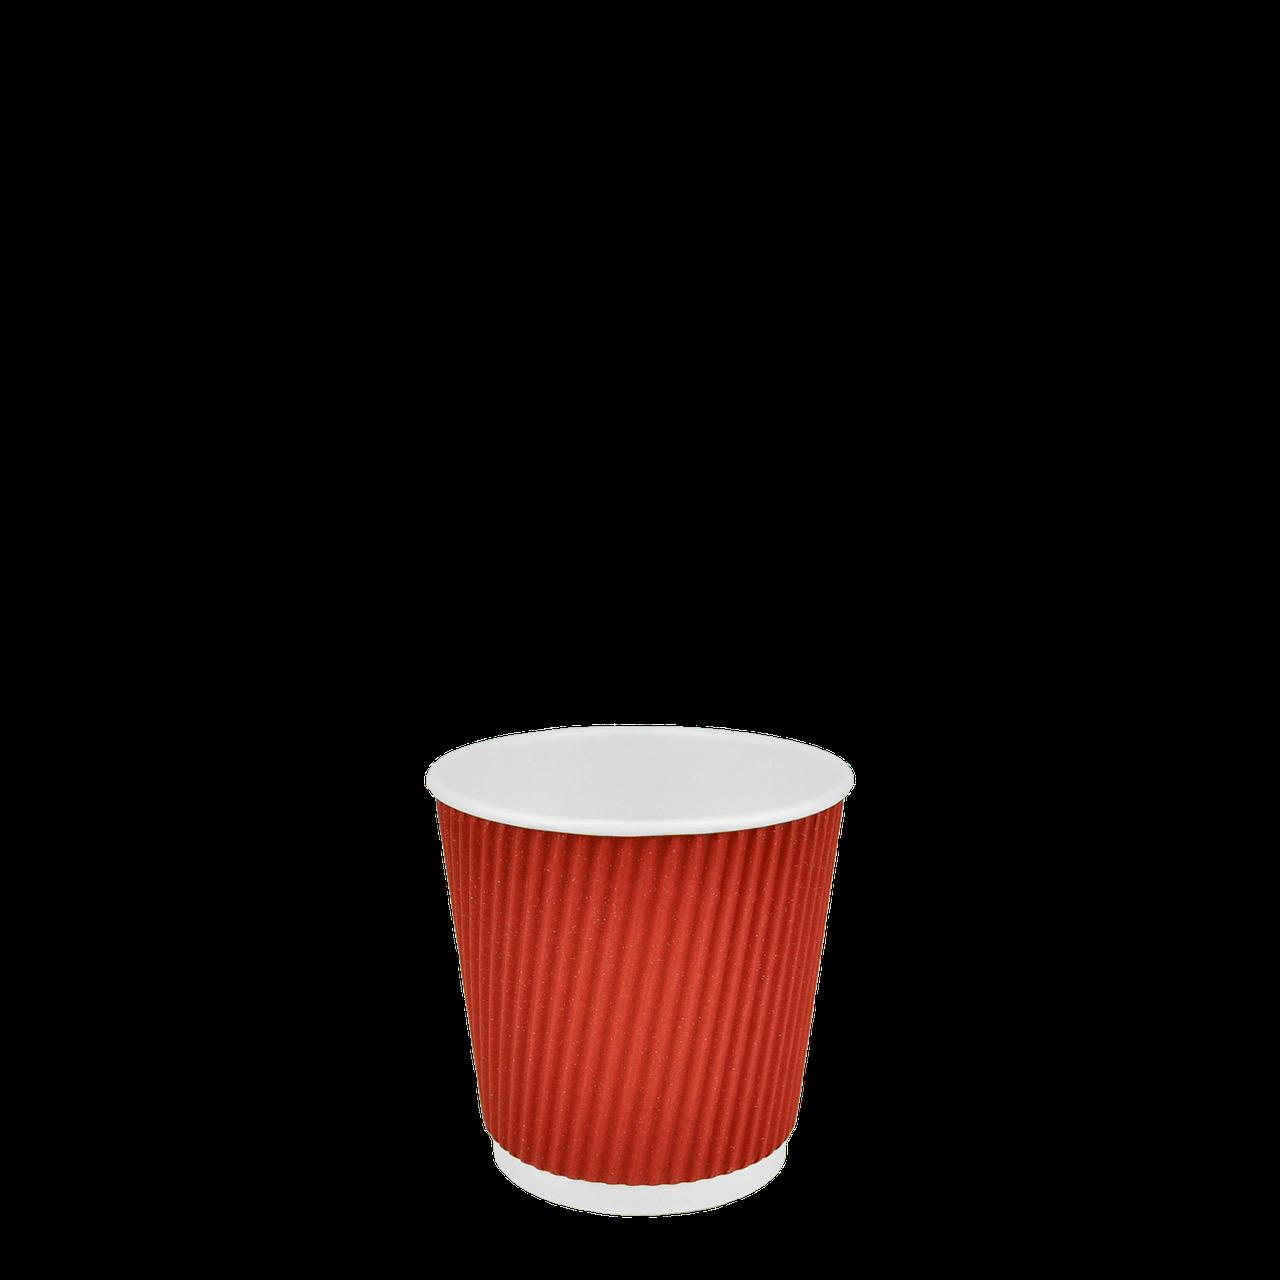 Стакан бумажный гофрированный Красный 180мл. 30шт/уп (1ящ/35уп/1050шт)